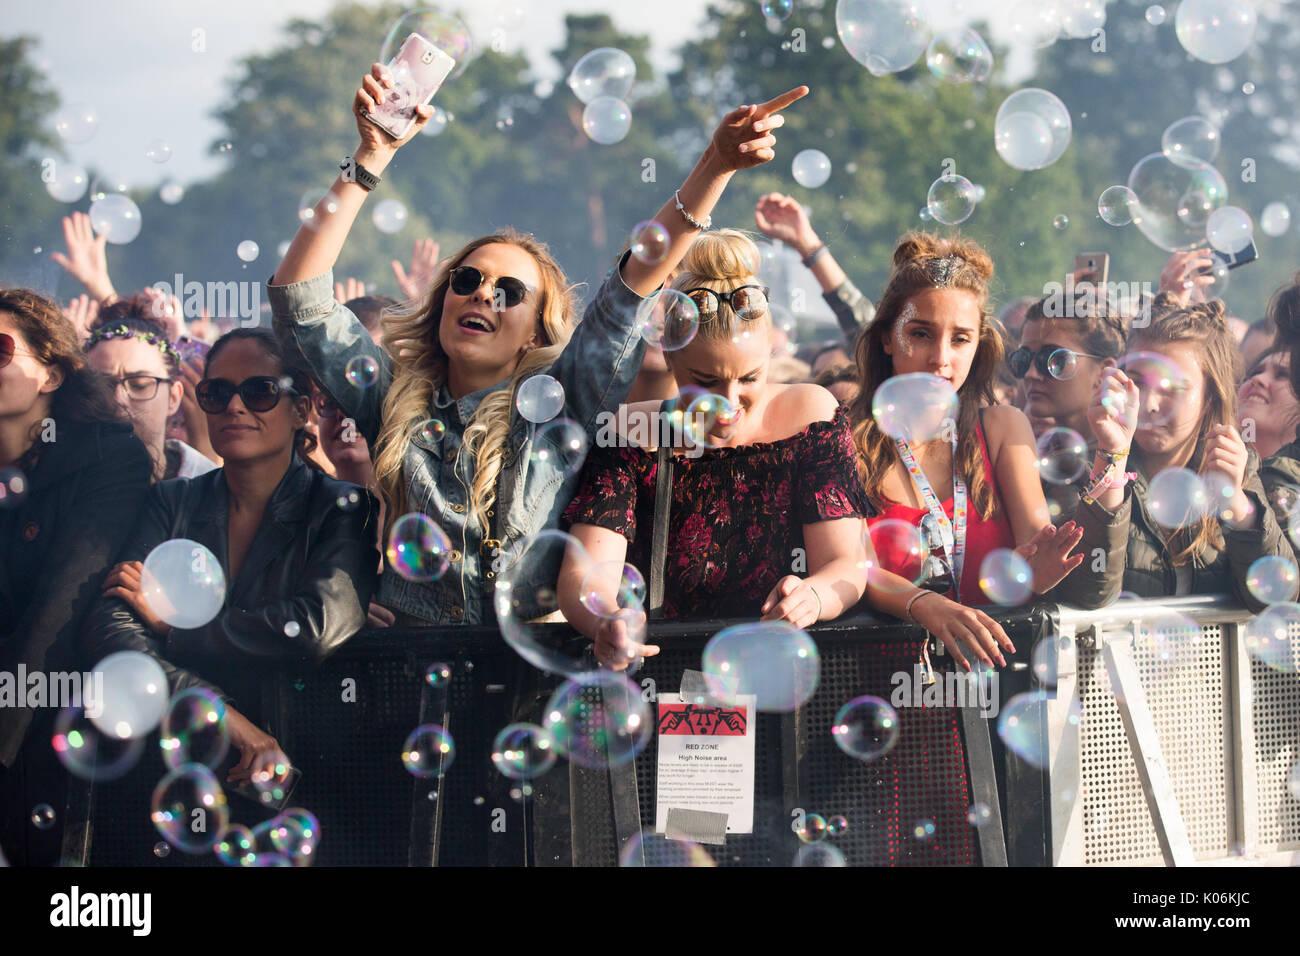 Musik Fans im Hylands Park, Chelmsford, Essex am Sonntag, August an diesen Jahren V Festival 20. Stockfoto